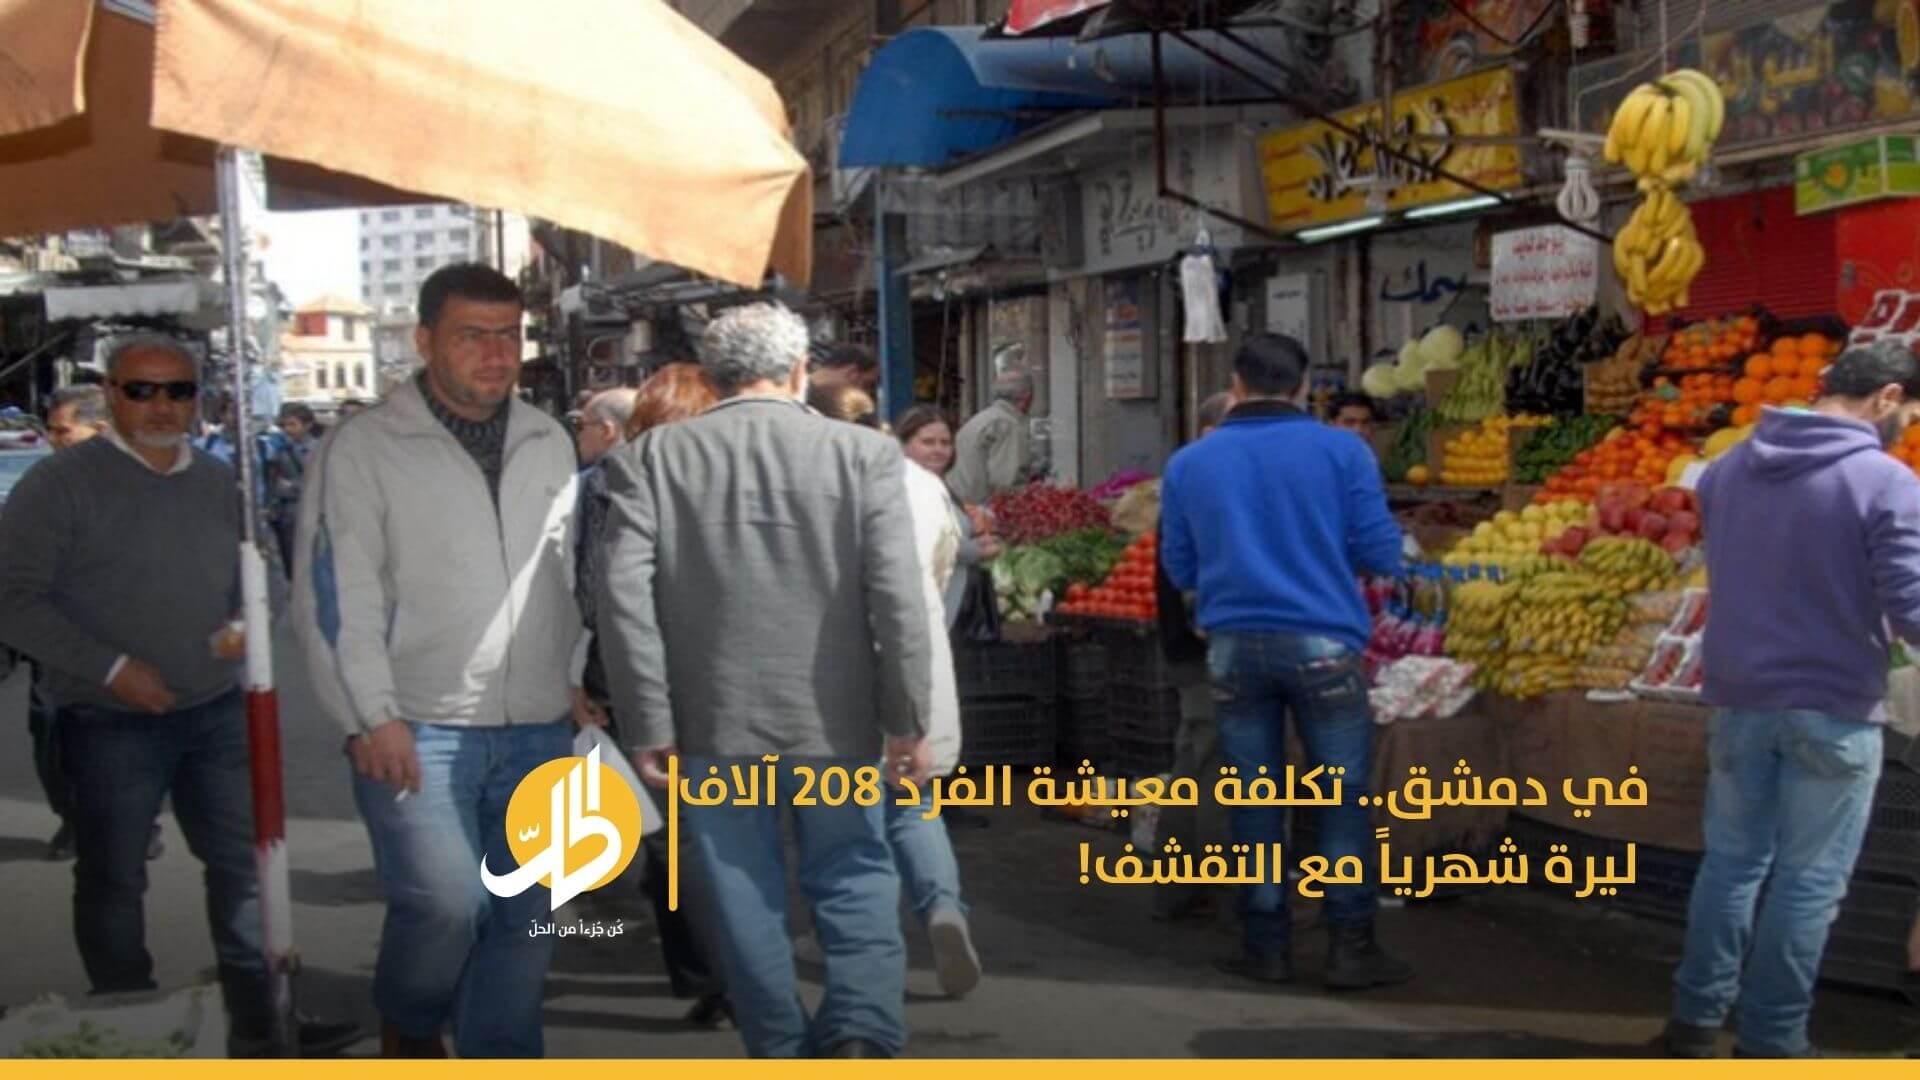 في دمشق.. تكلفة معيشة الفرد 208 آلاف ليرة شهرياً مع التقشف!